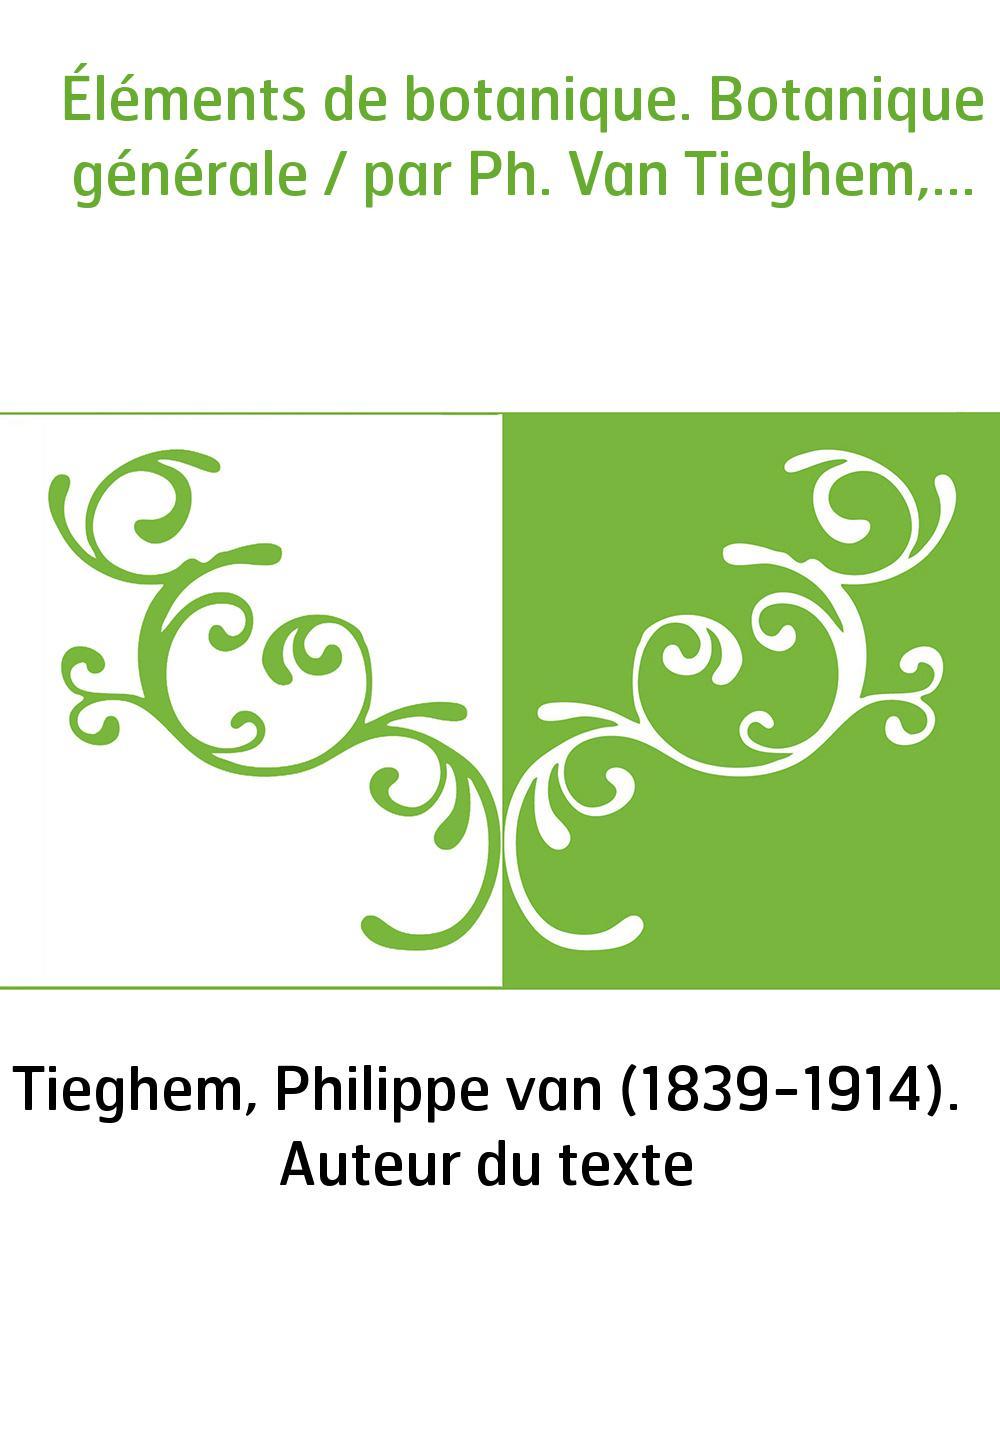 Éléments de botanique. Botanique générale / par Ph. Van Tieghem,...